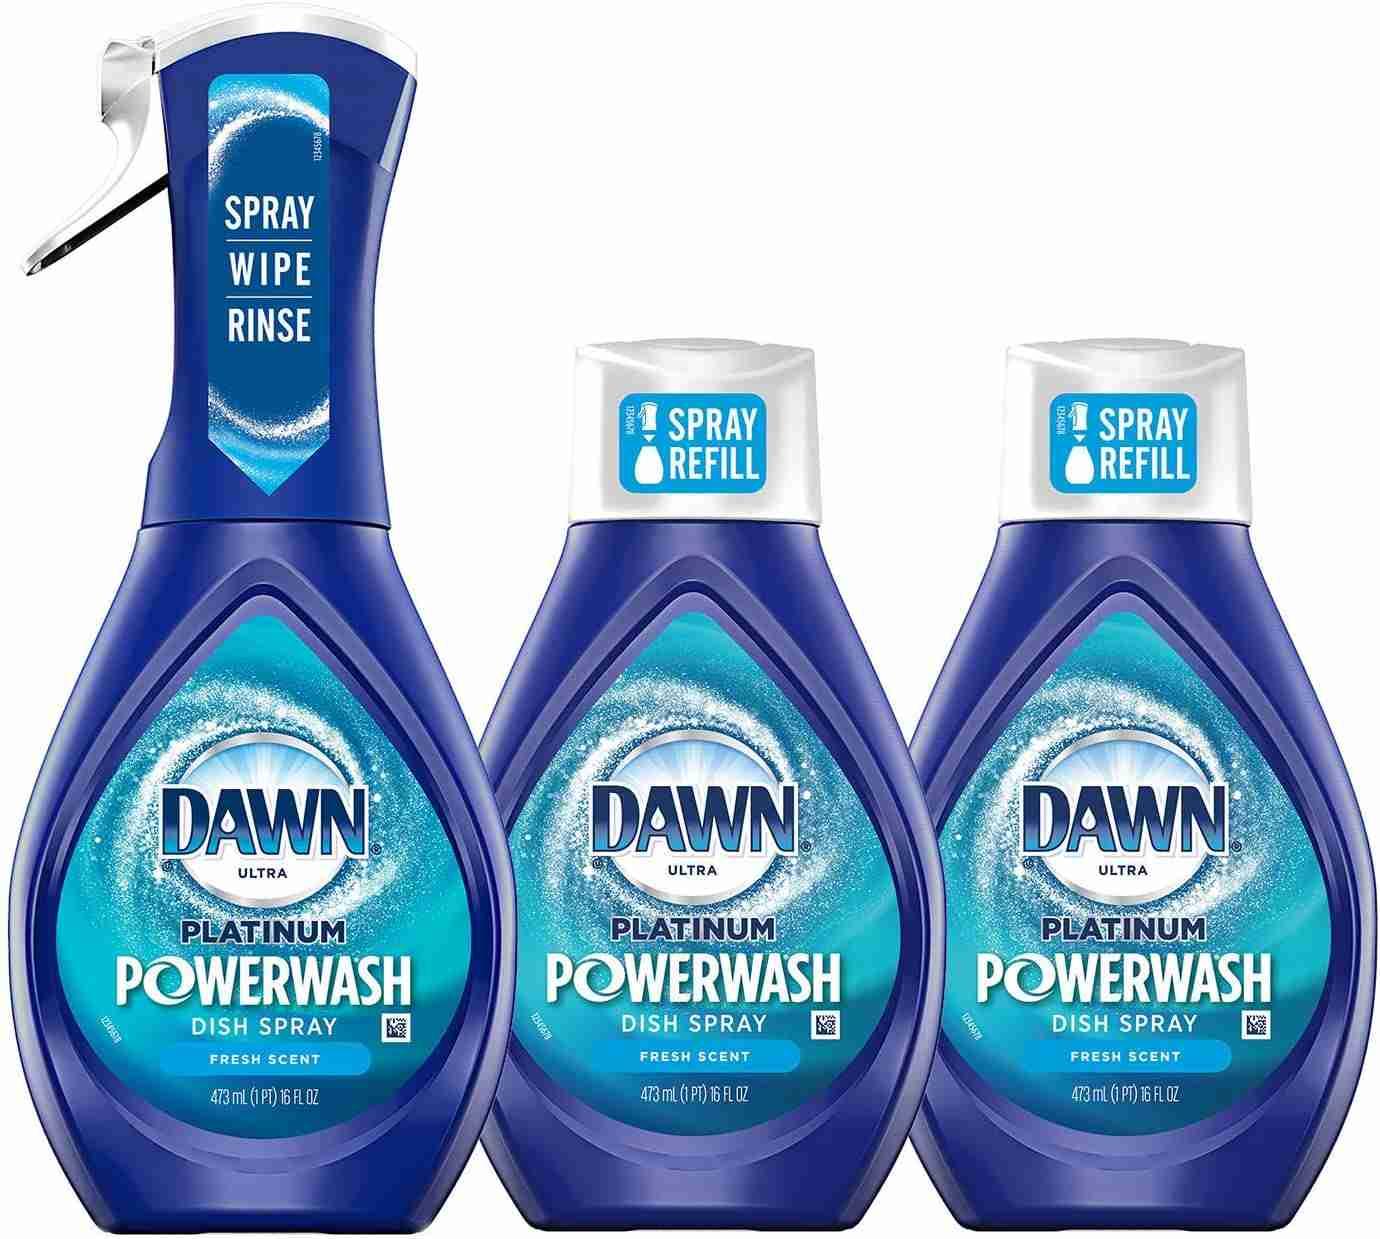 dawn powerwash spray